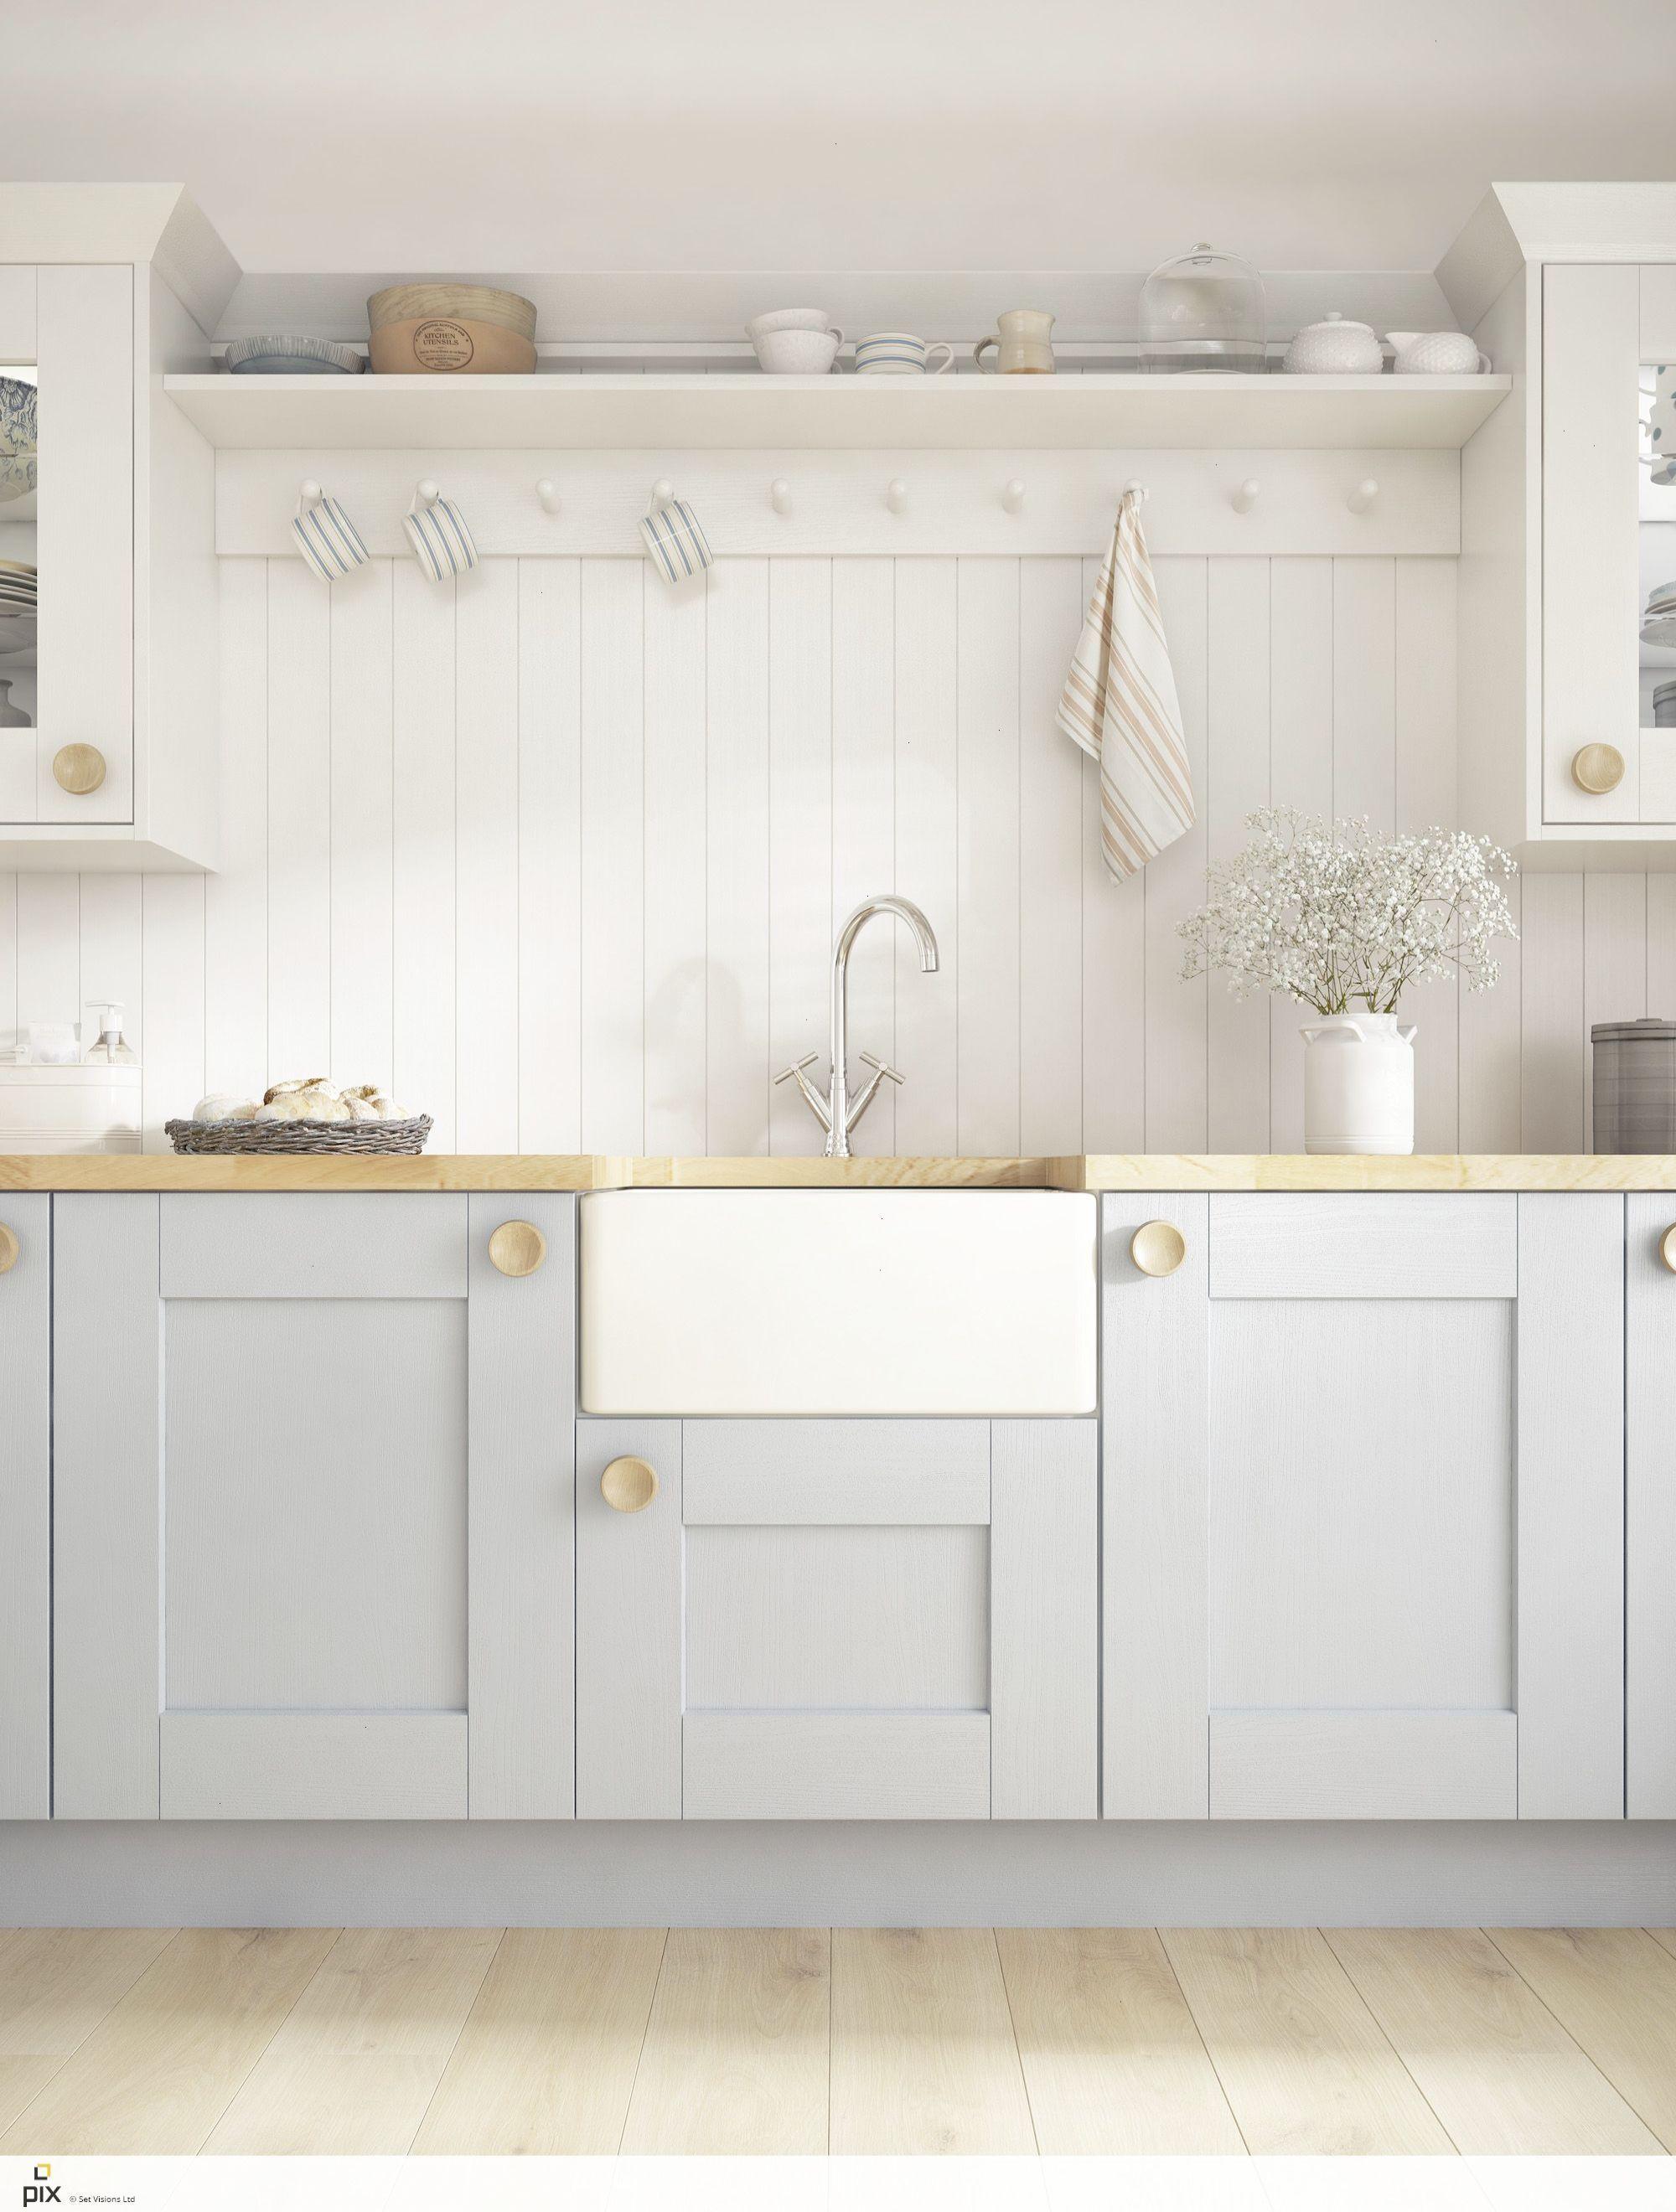 Küchendesign von fliesen check it out  beach house interior decorating nice  coastal style